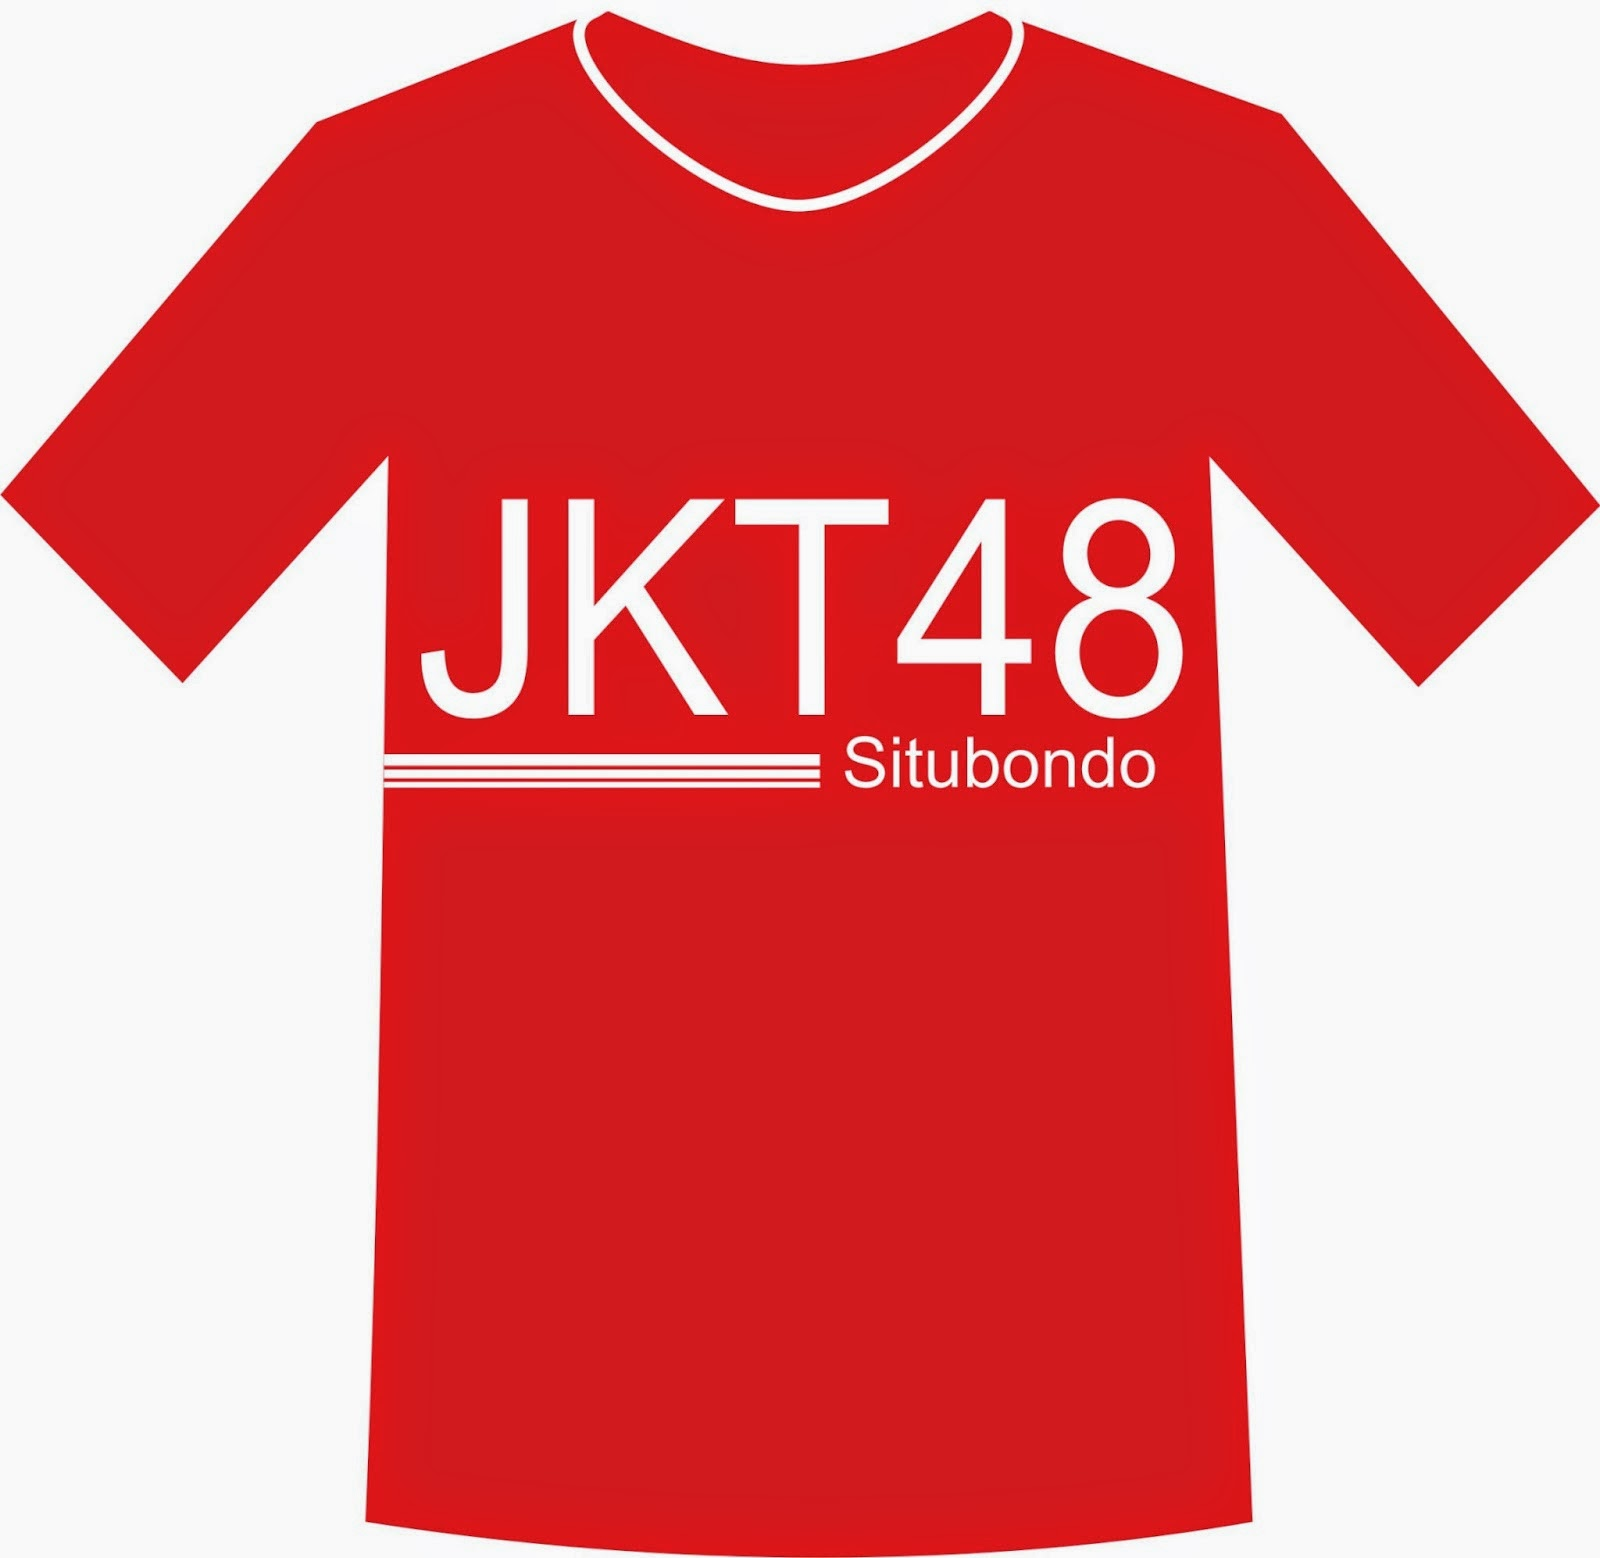 model baju jkt48